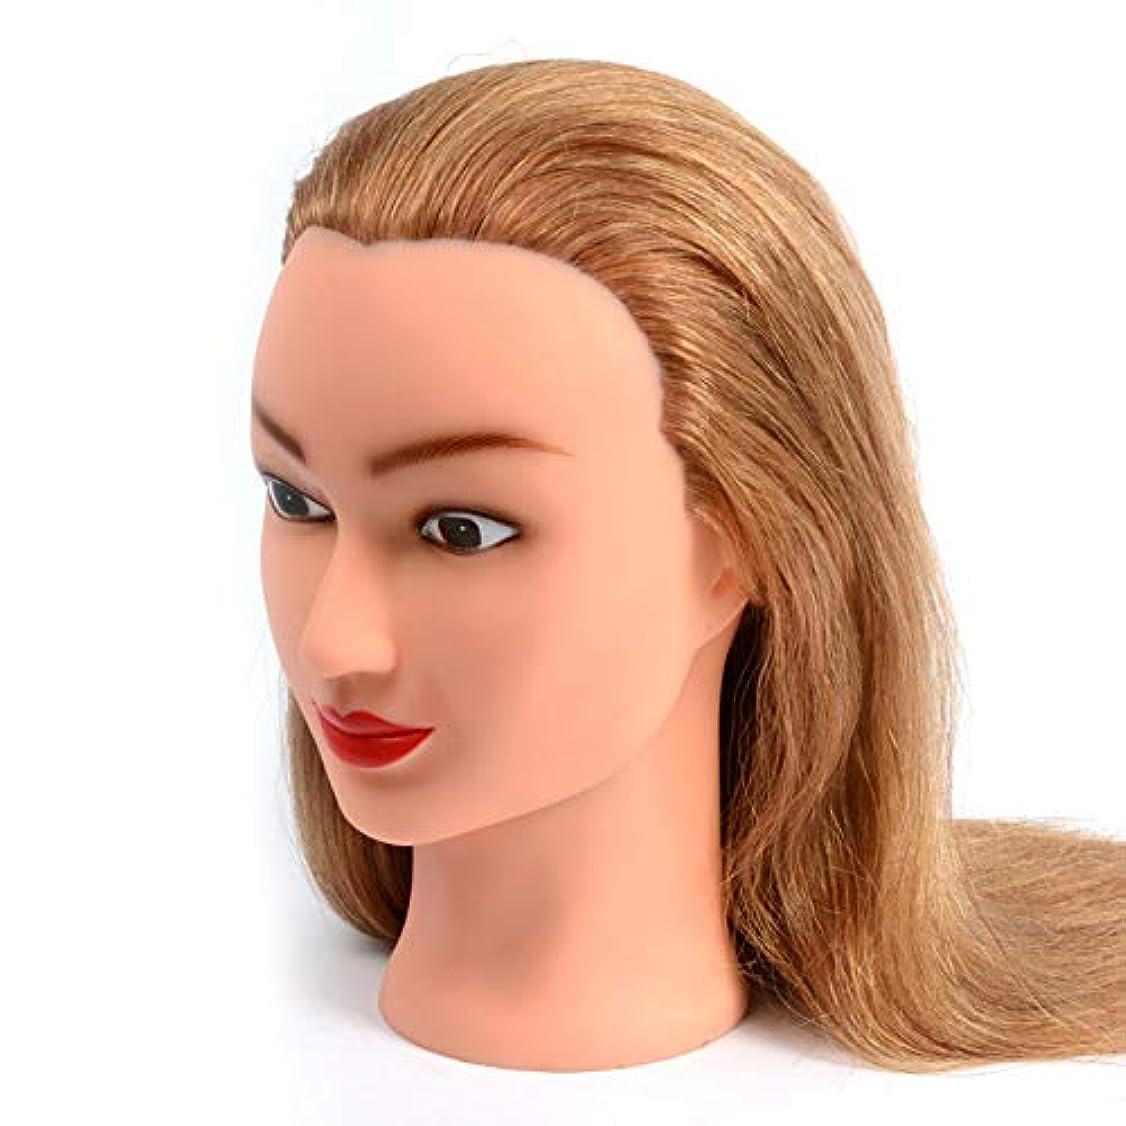 親指信頼遡るブライダルメイクスタイリング練習モデル美容院散髪学習ダミーヘッドは染色することができますし、漂白ティーチングヘッド